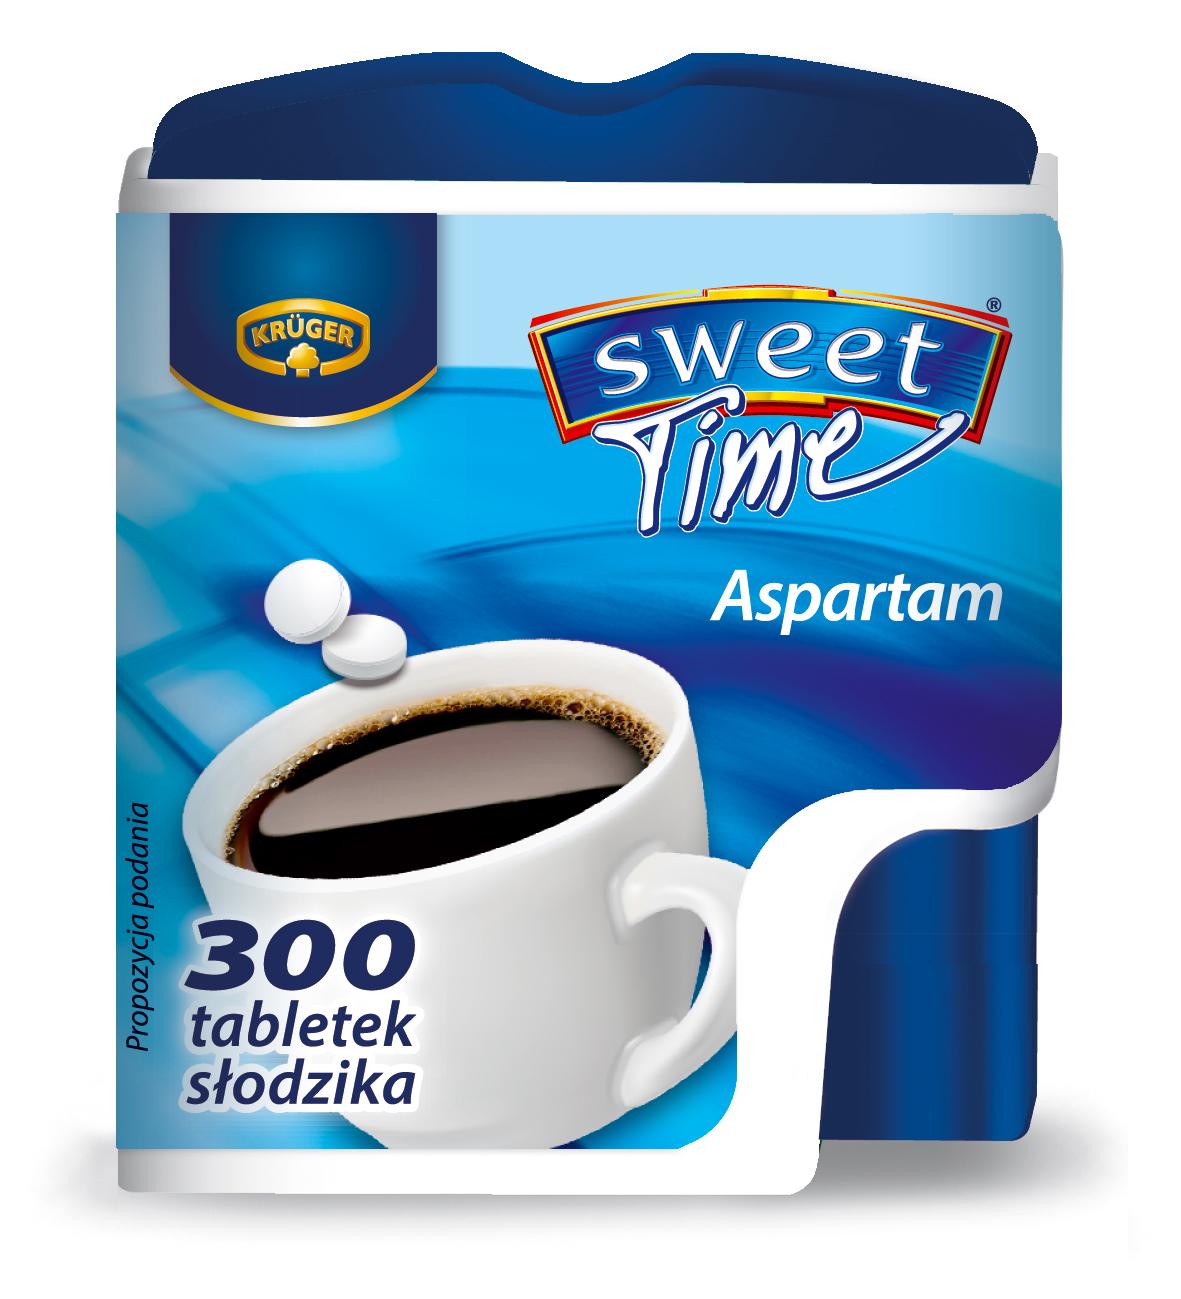 Krüger Słodzik Sweet Time 300 Słodzik stołowy w tabletkach na bazie aspartamu